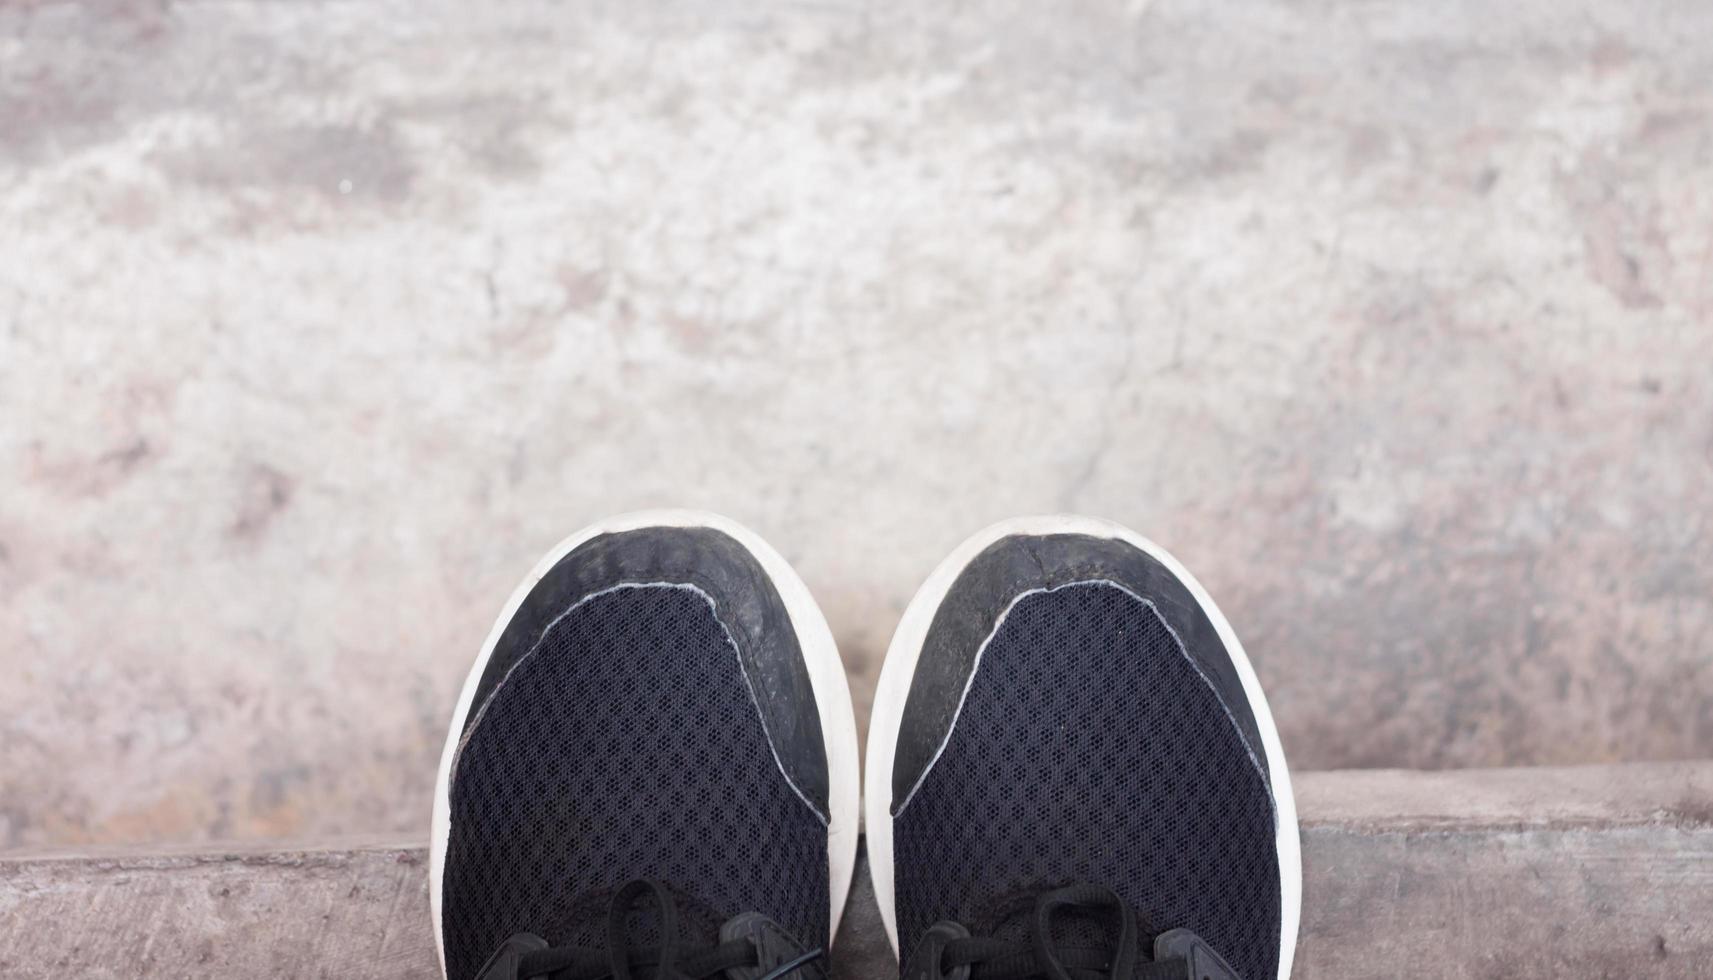 vue de dessus des chaussures noires décontractées photo